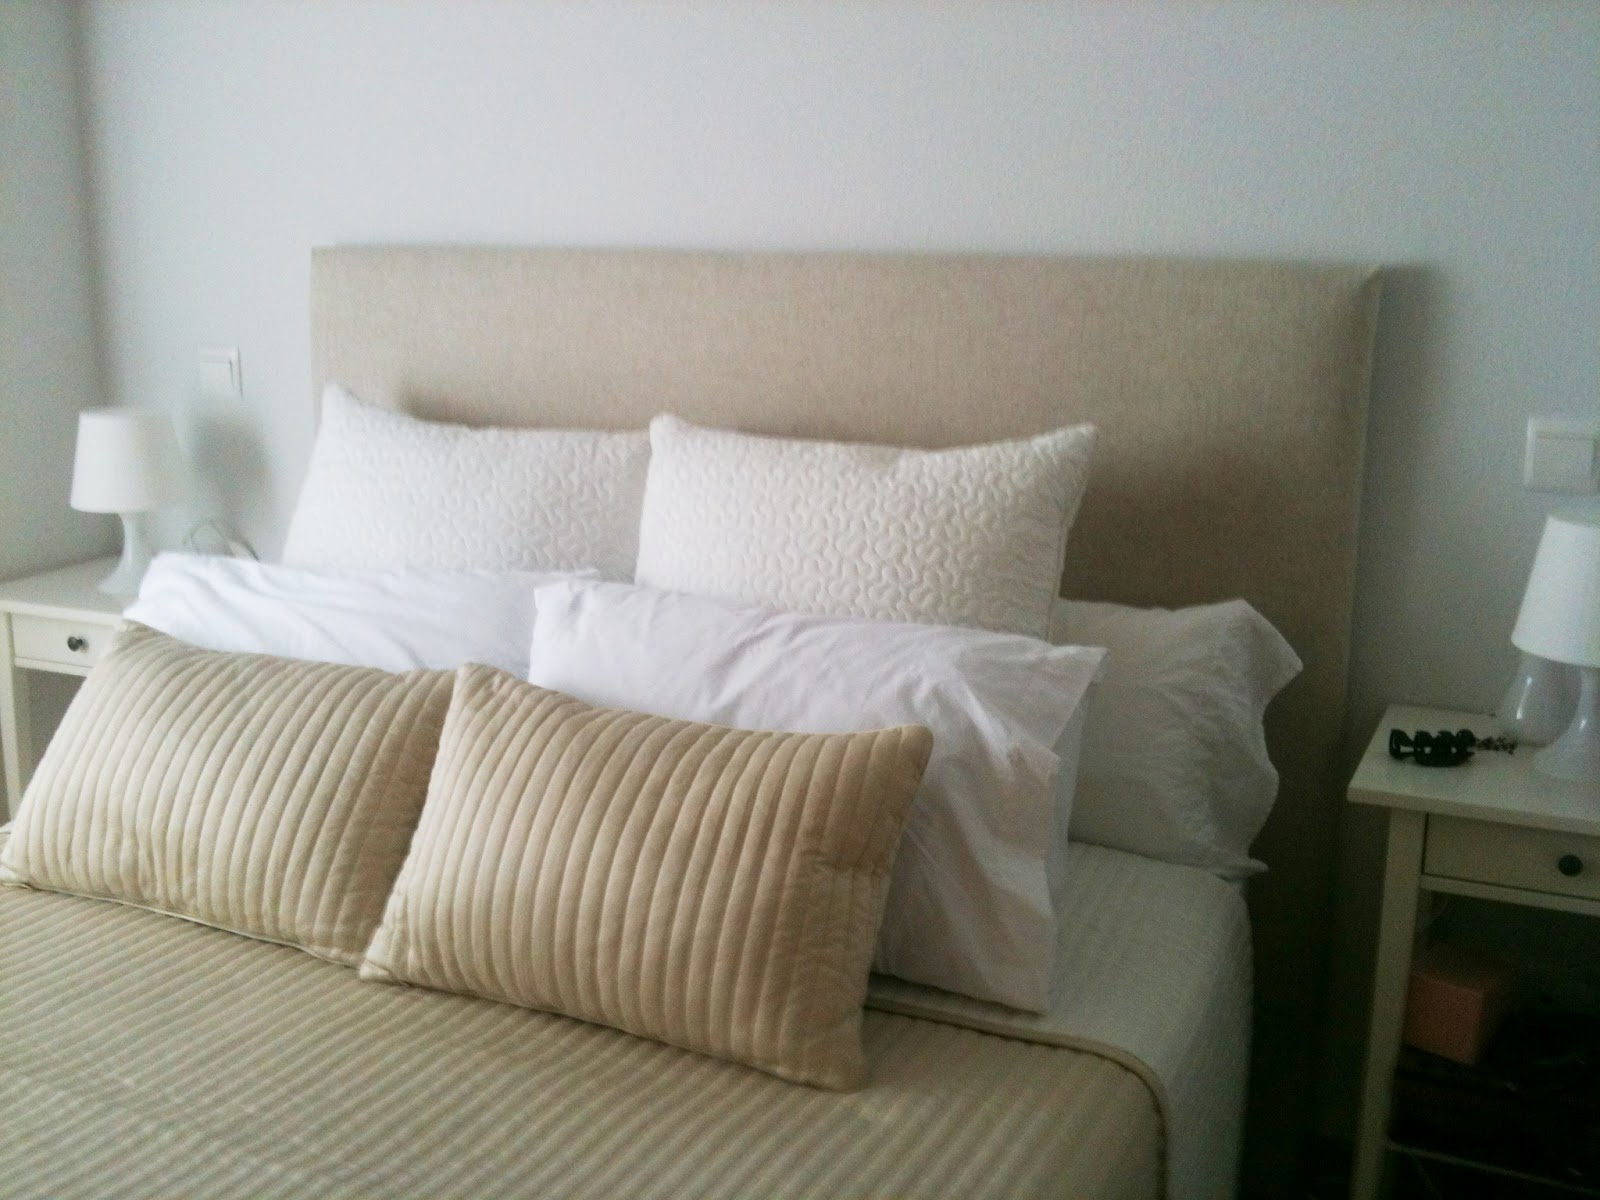 Diy el cabecero de eva - Telas para forrar cabecero cama ...